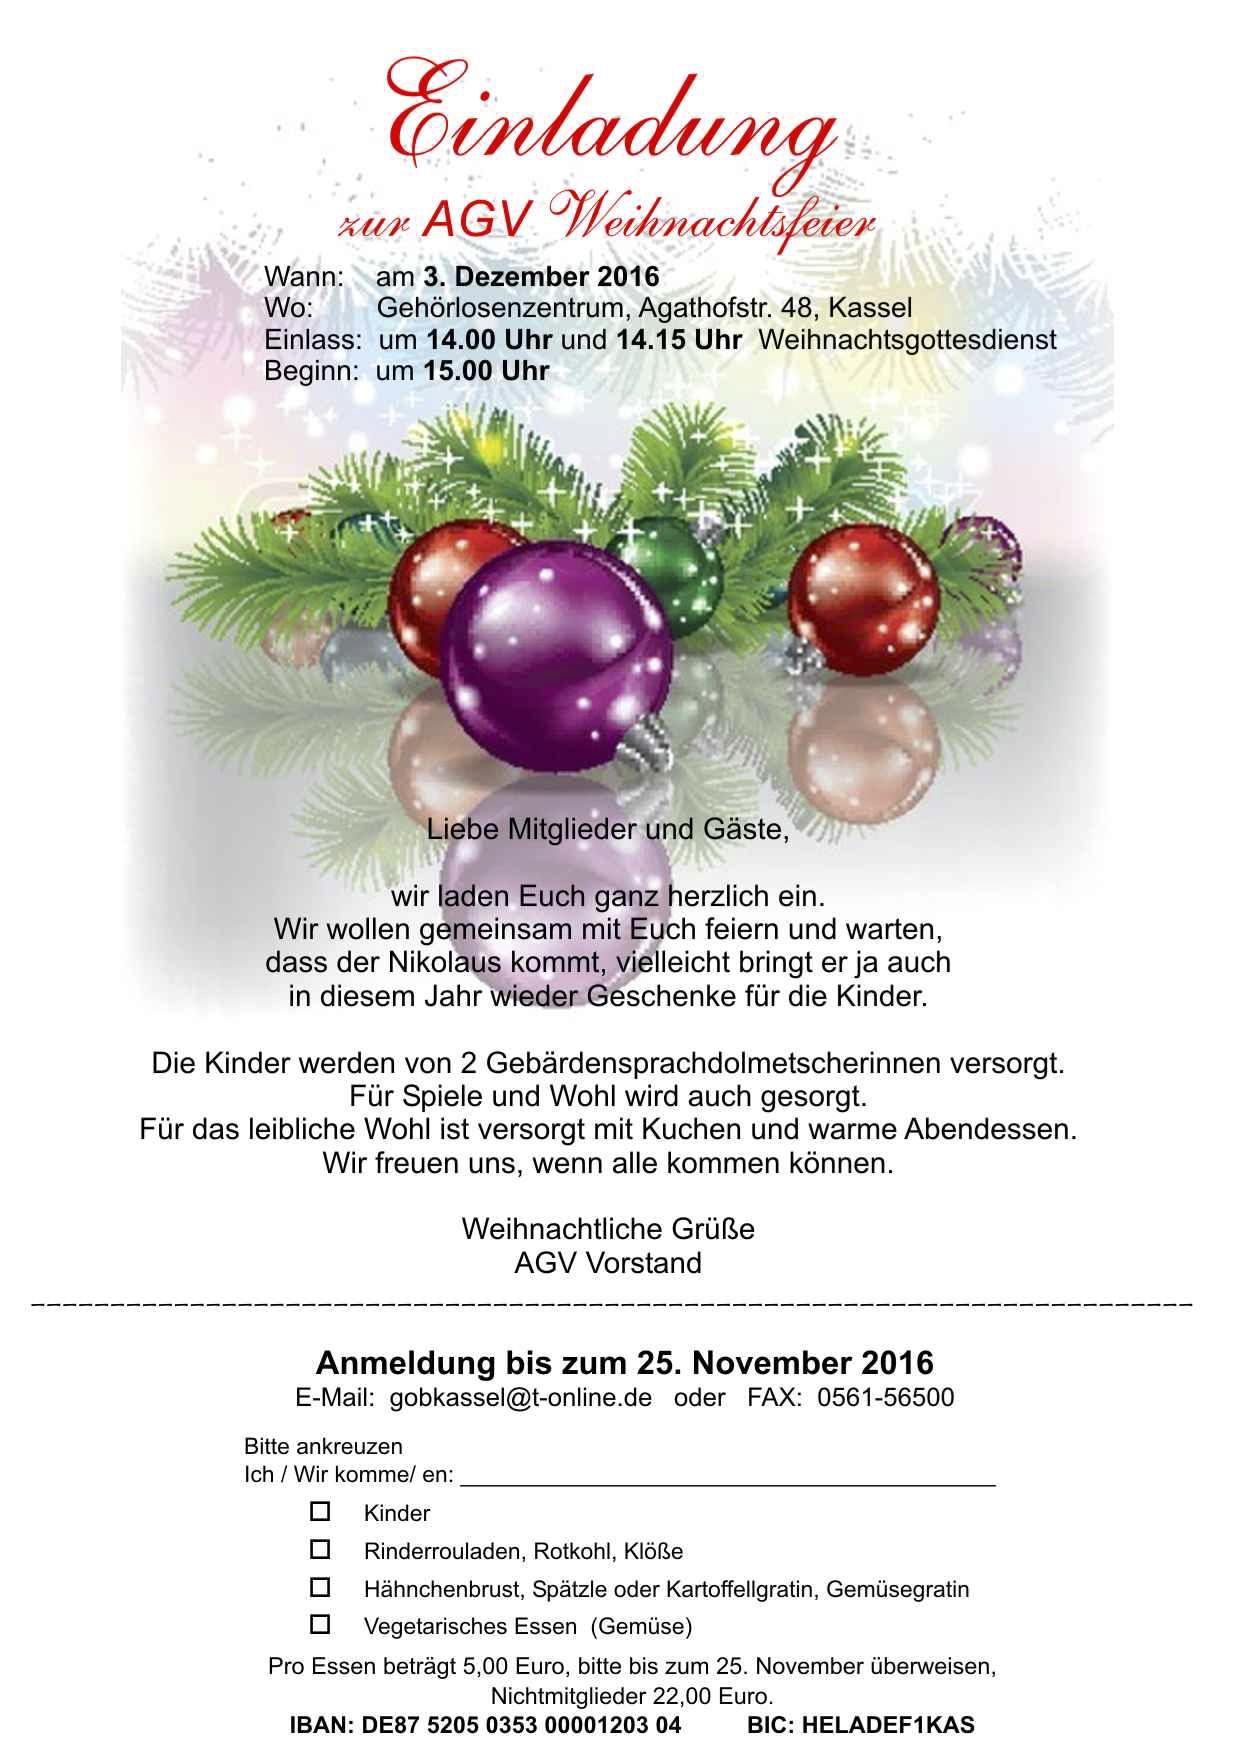 AGV Weihnachtsfeier im GLZ - agv-kassel